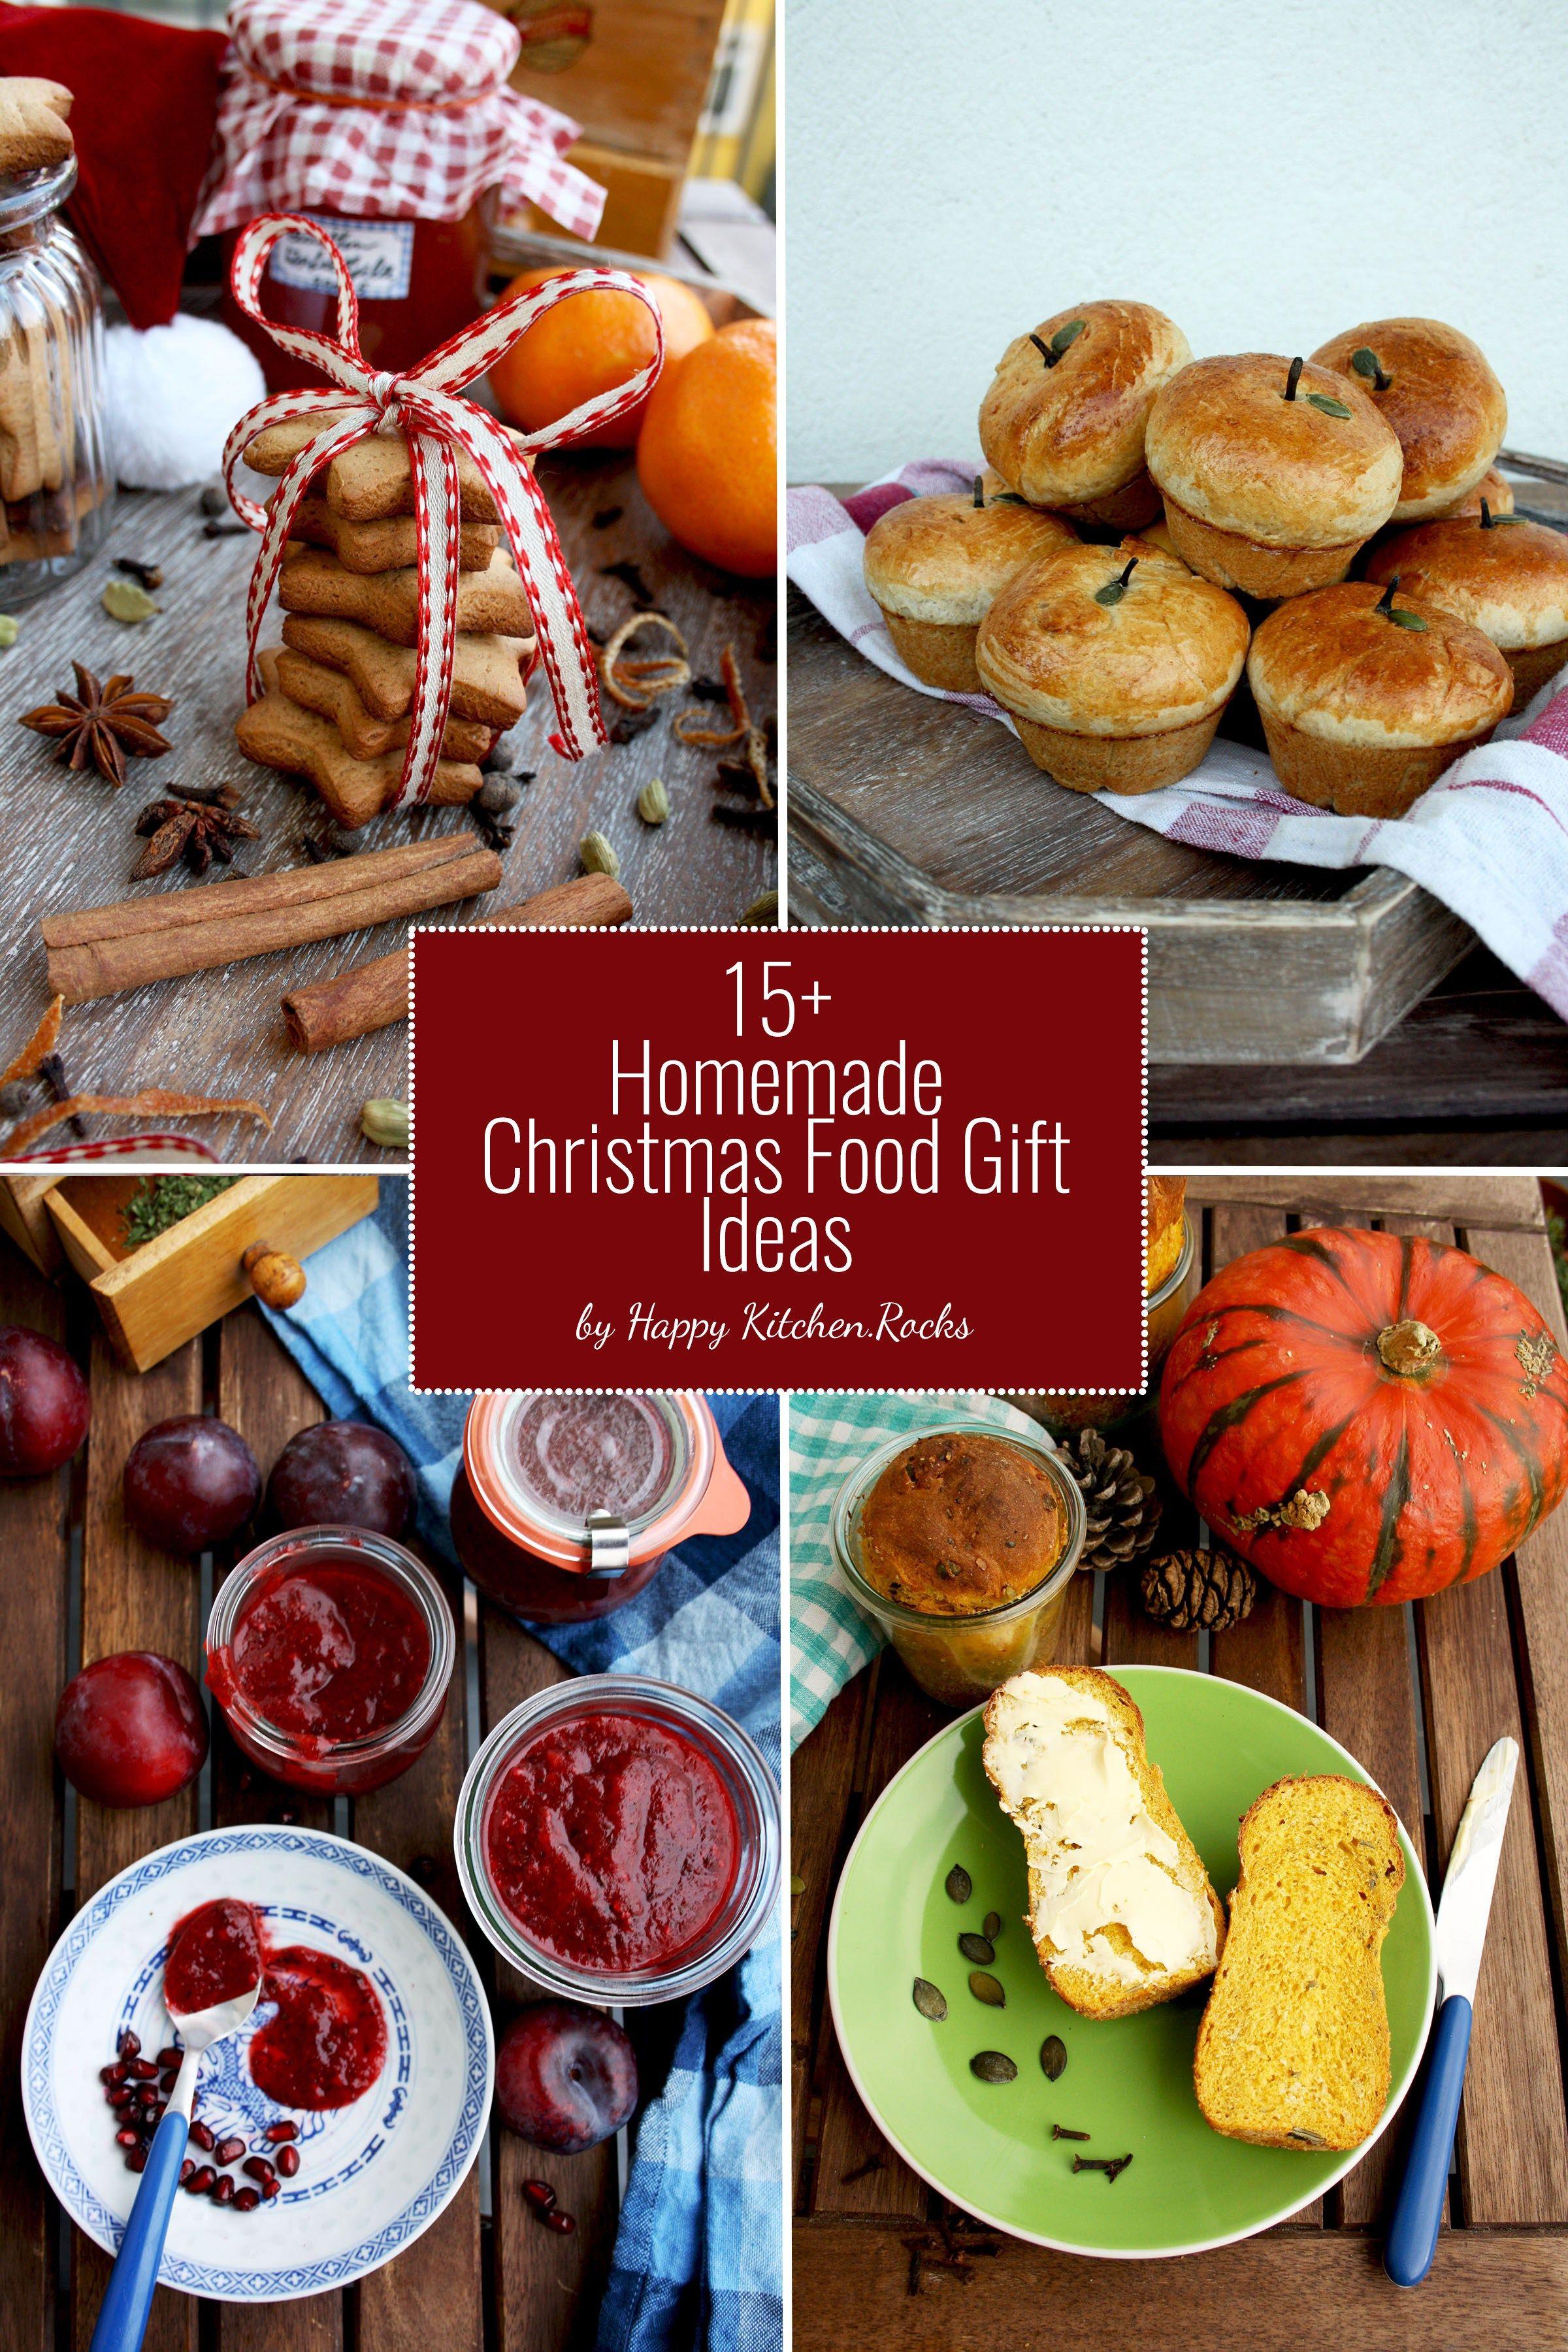 15 Homemade Christmas Food Gift Ideas